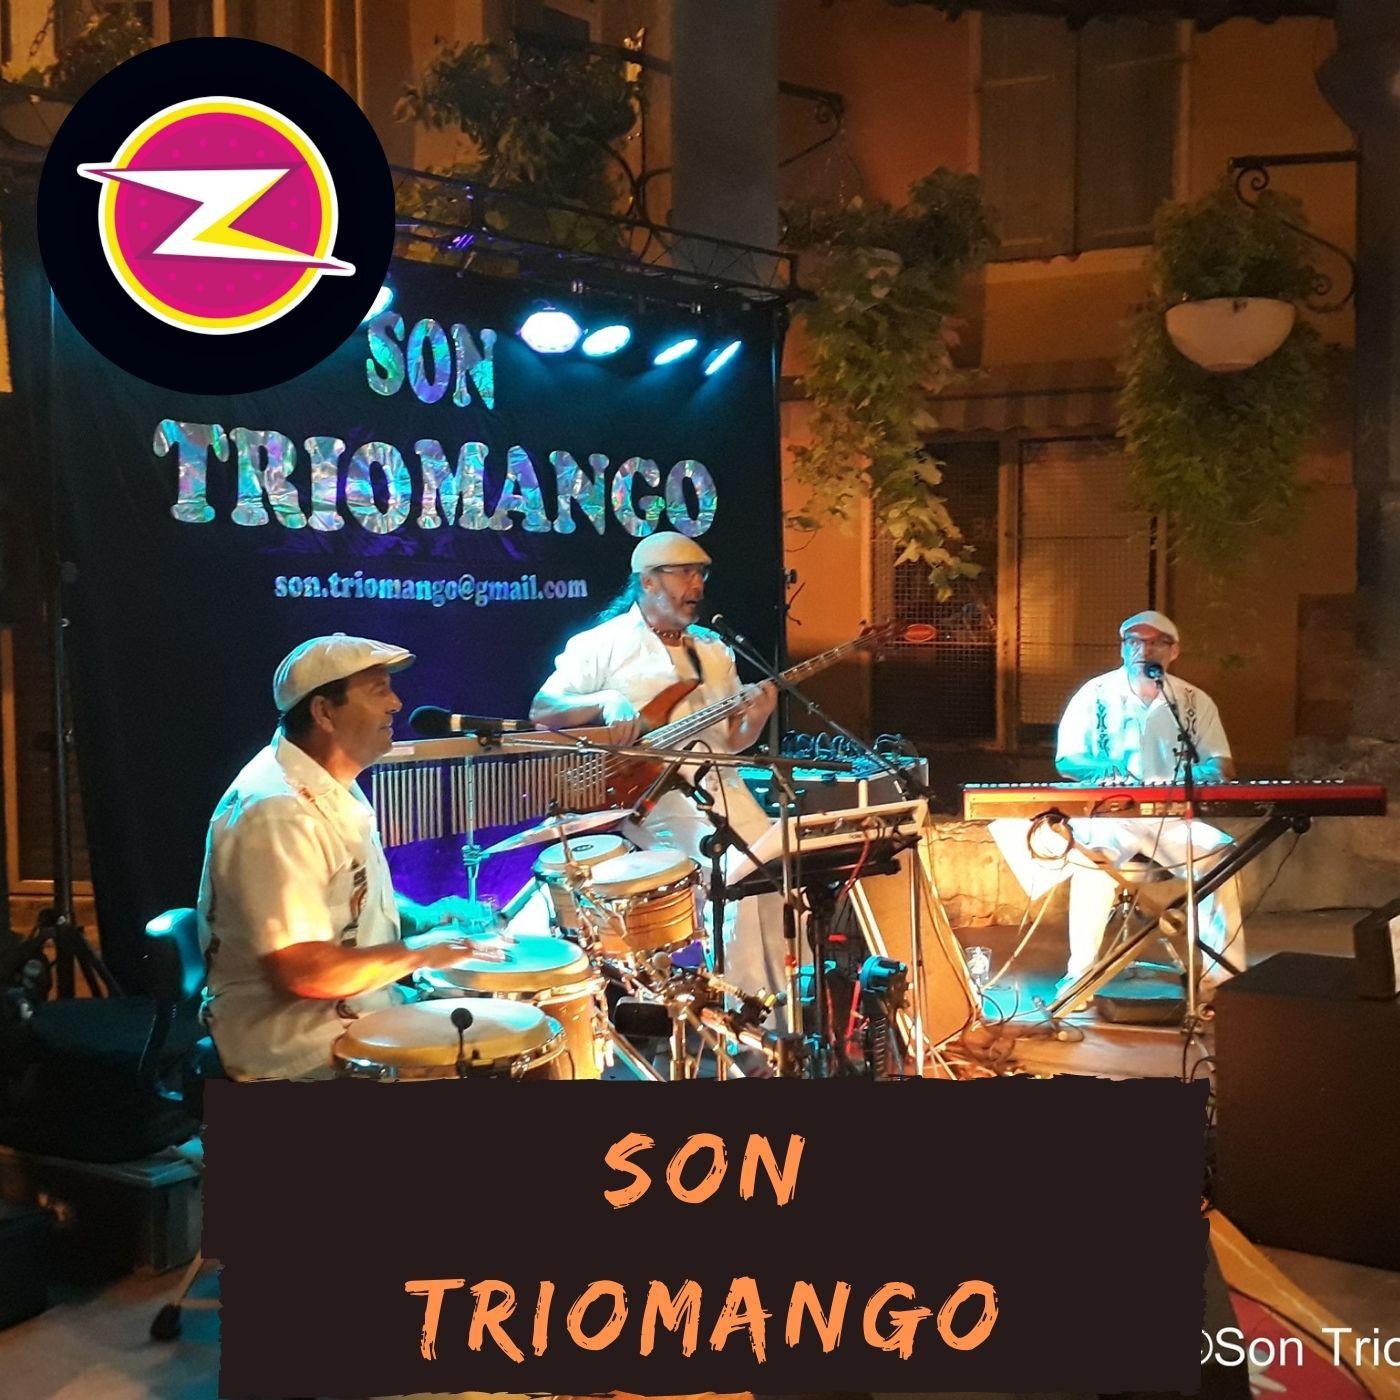 Son Triomango